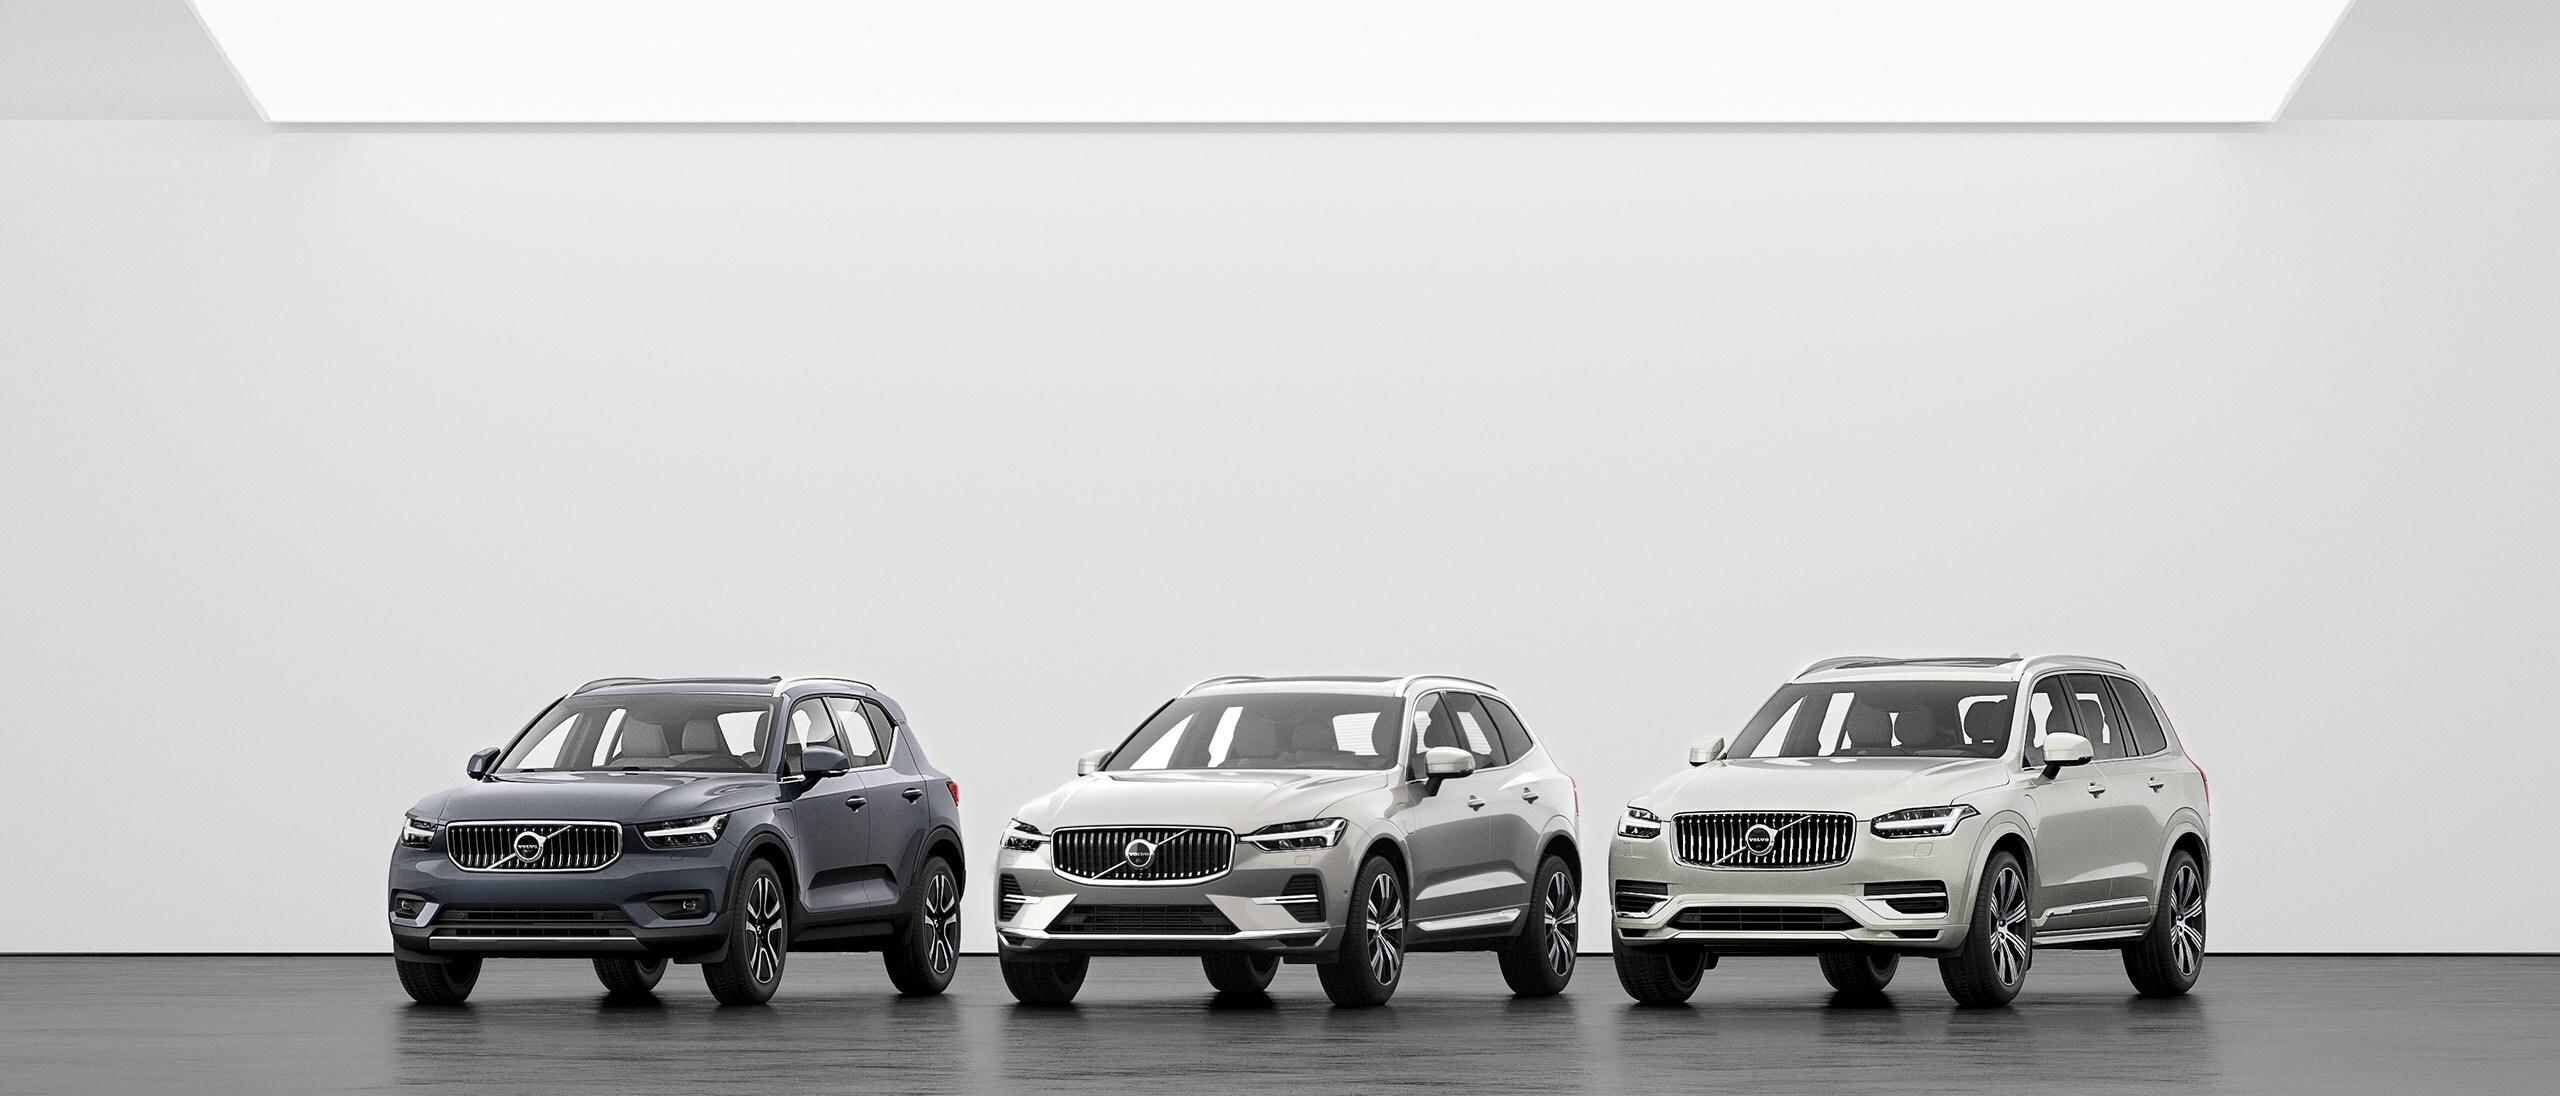 Eine Reihe von Volvo SUVs, XC40, XC60 und XC90 auf einem grauen Boden